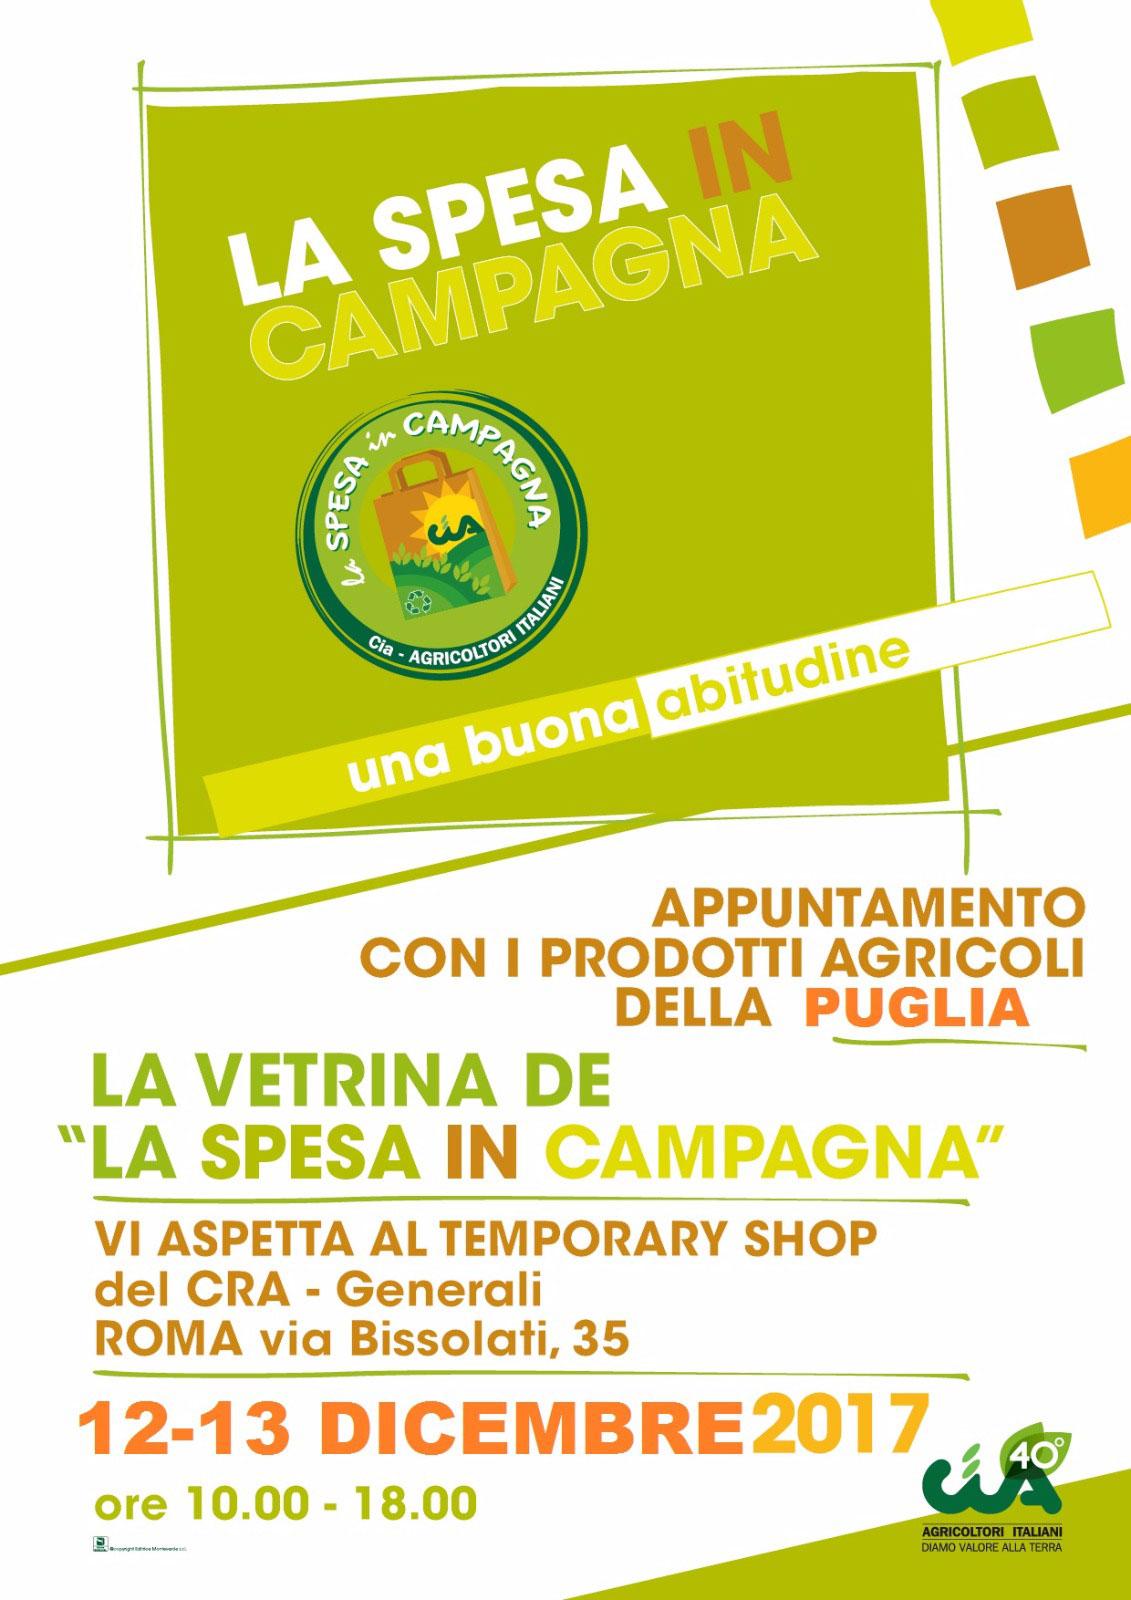 12-13 dicembre – ROMA, VIA BISSOLATI, 35- TEMPORARY SHOP del CRA-ASSICURAZIONI GENERALI